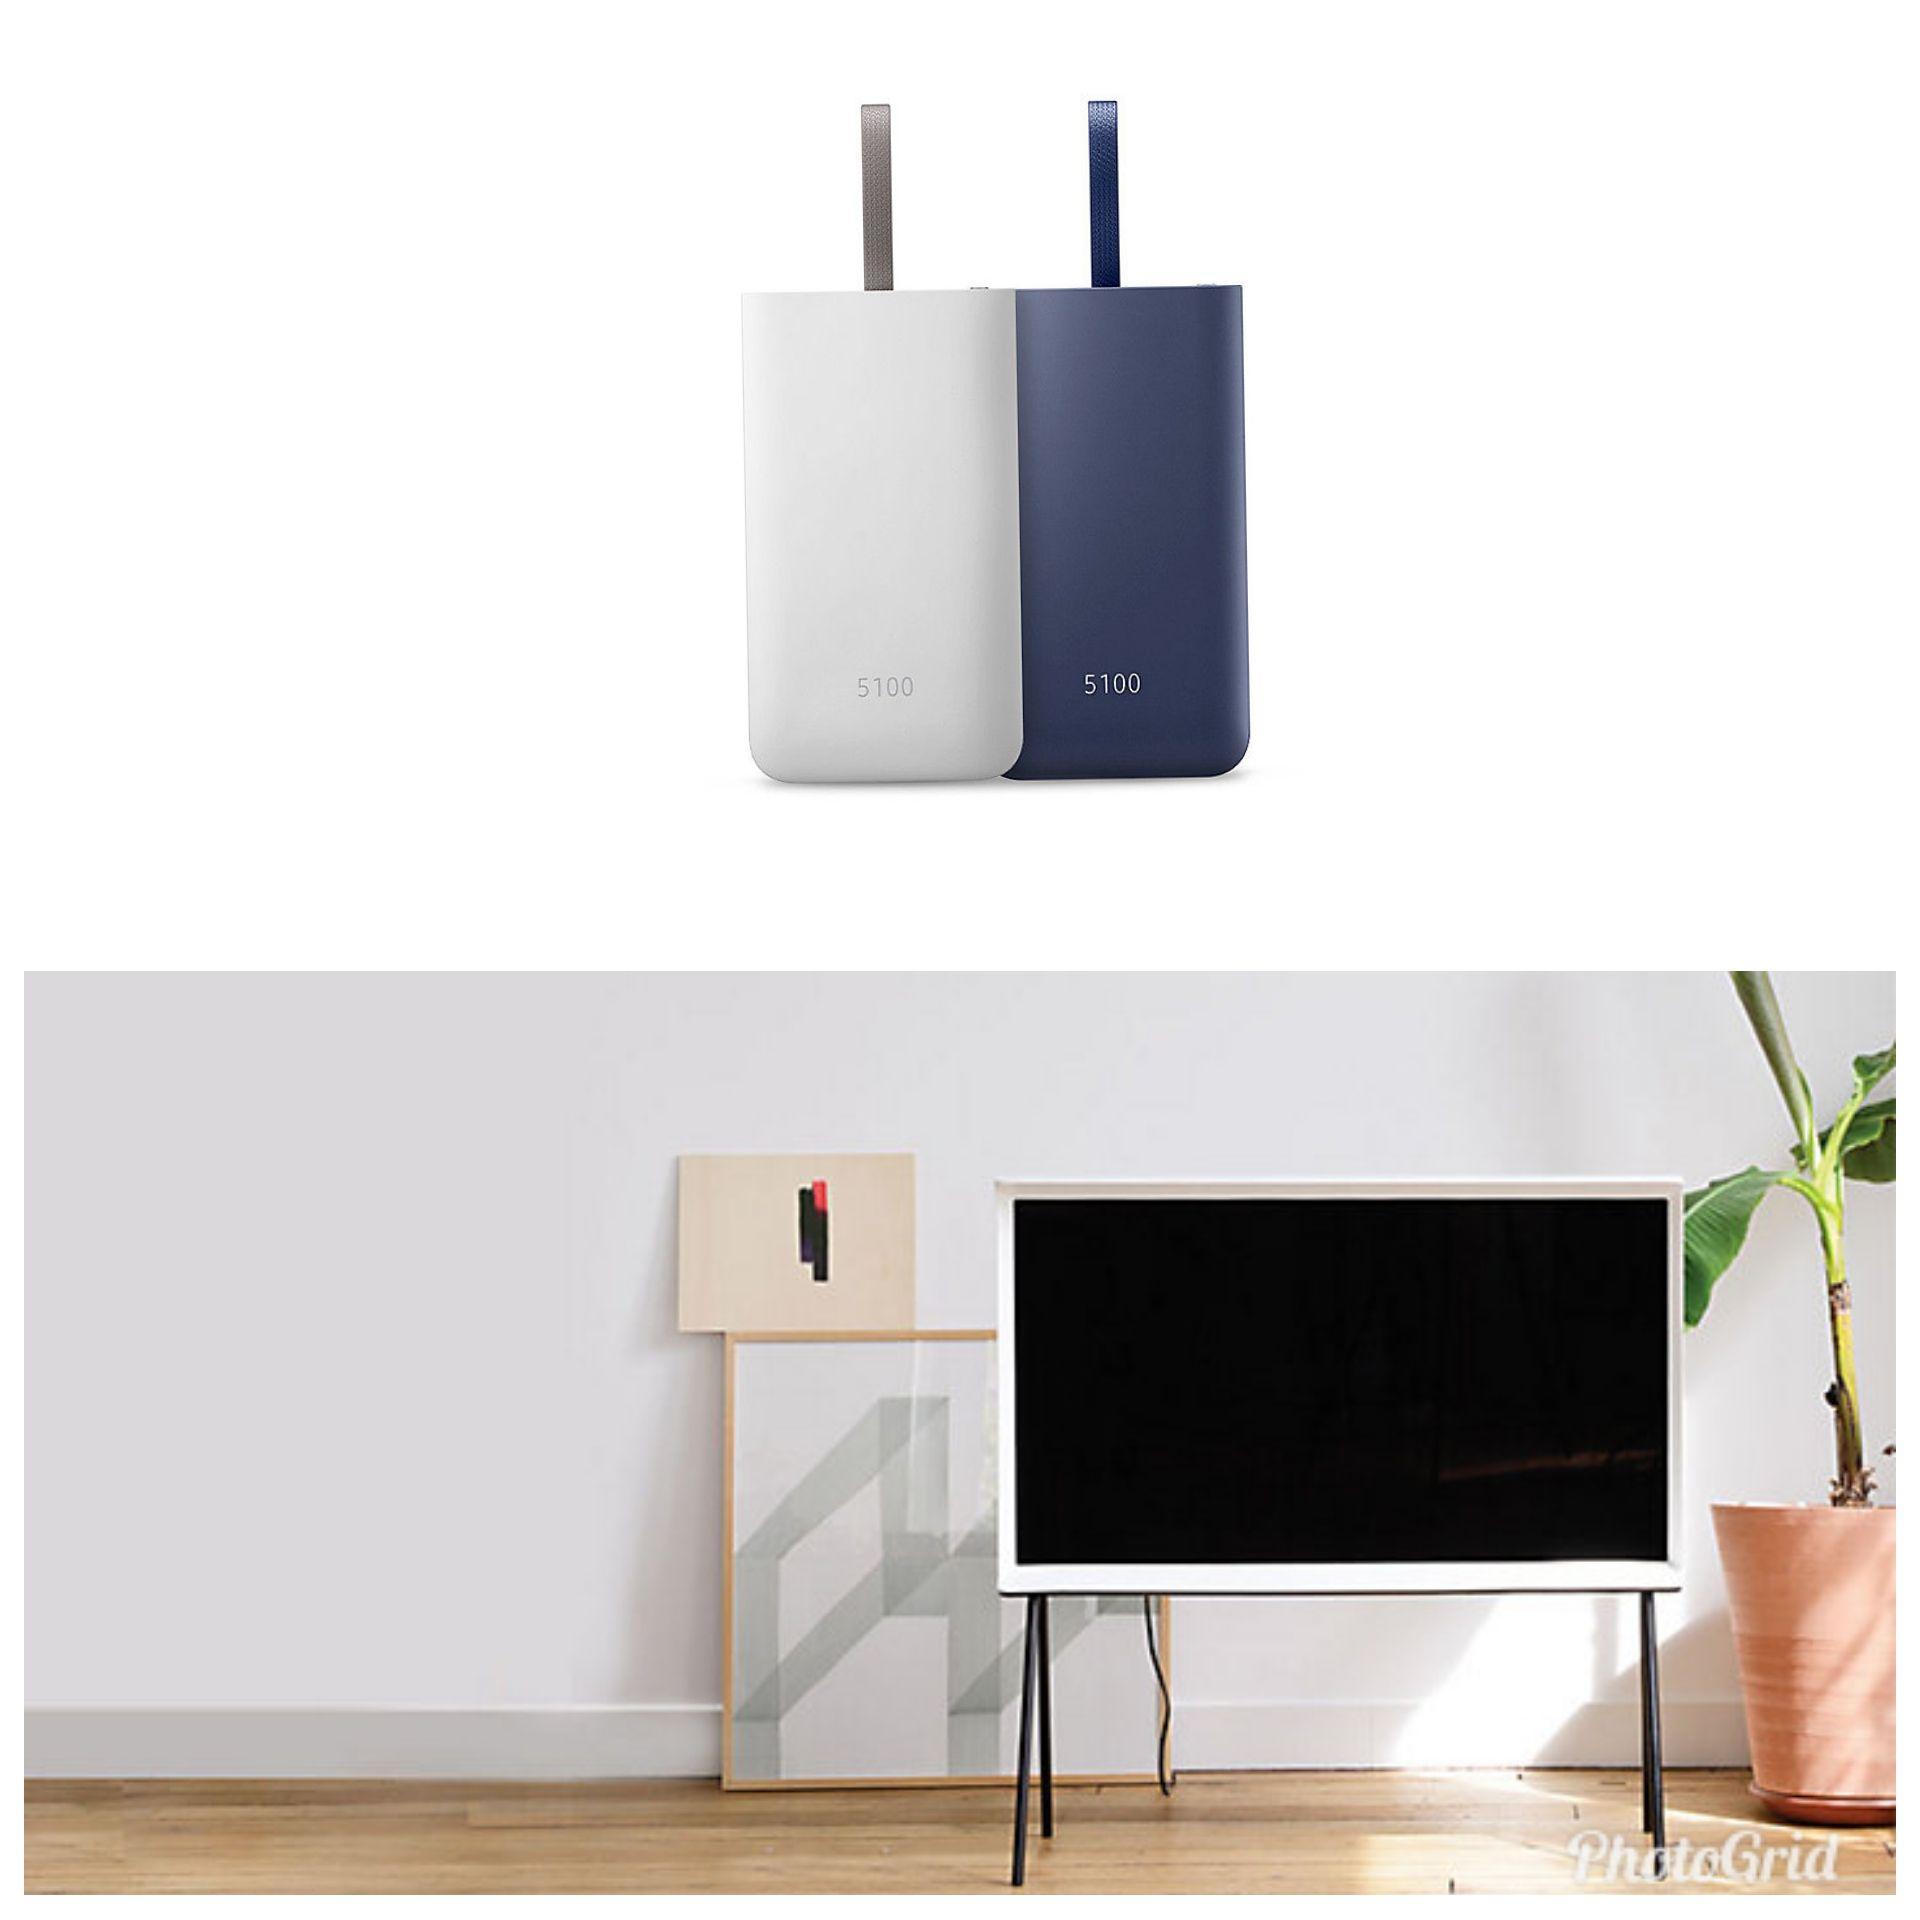 [Samsung] Aktion Winterspiele (Powerbank für 29,90 € & UHD-Fernseher + S7 Edge für 1499 €)